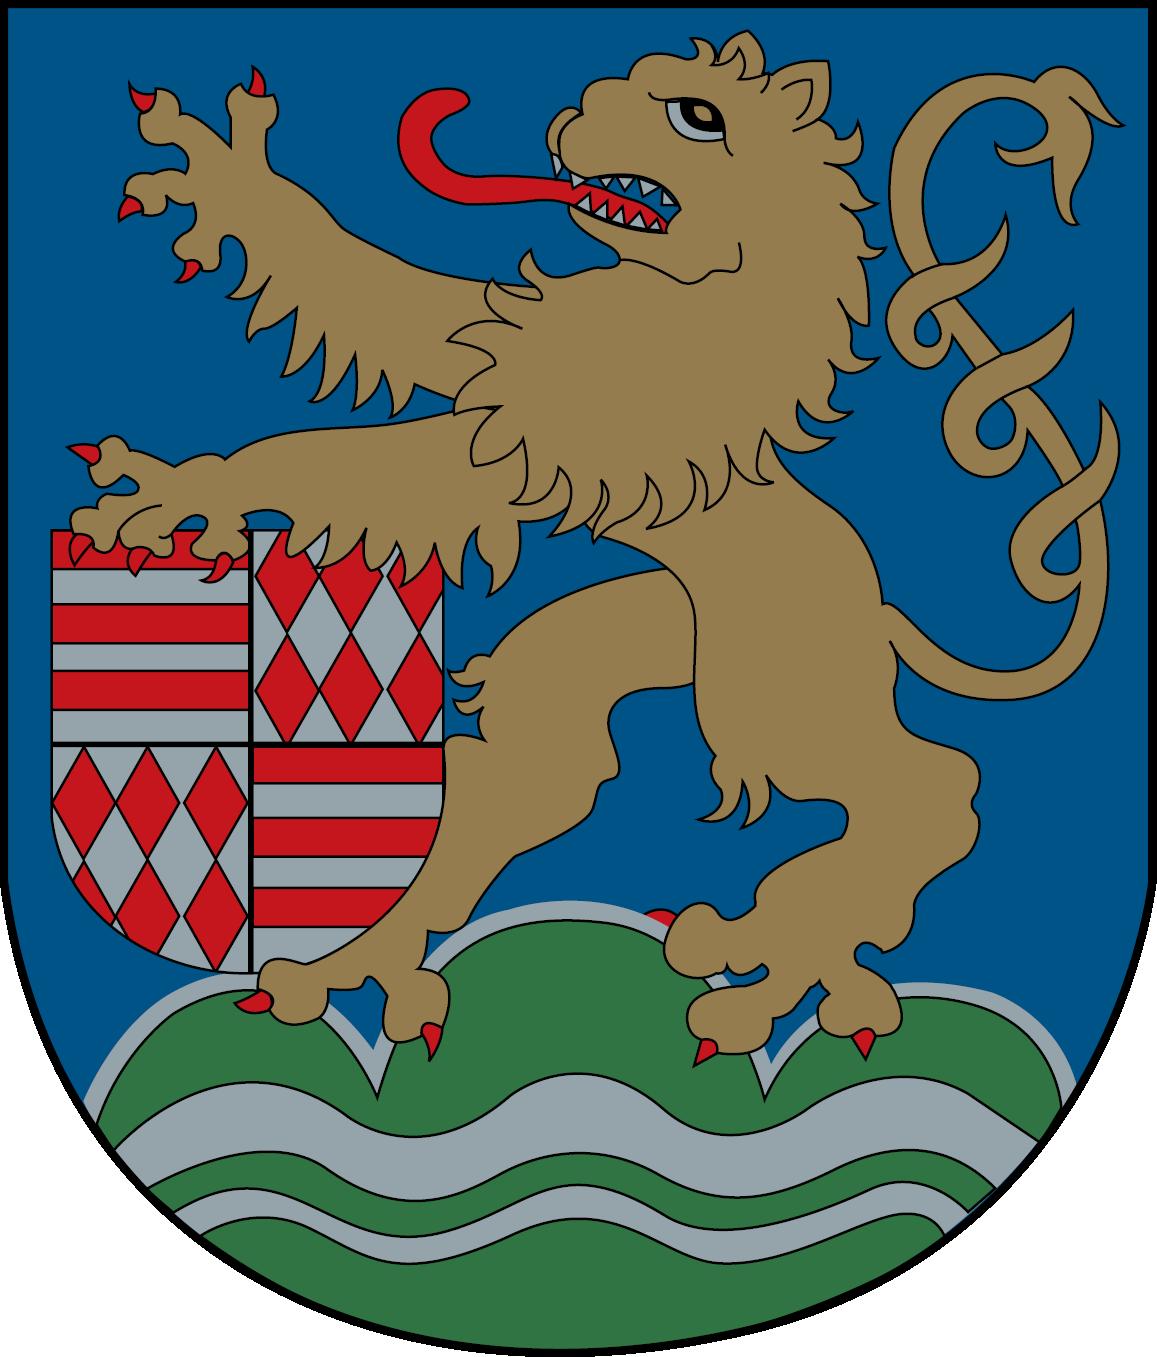 Wappen der Zulassungsstelle